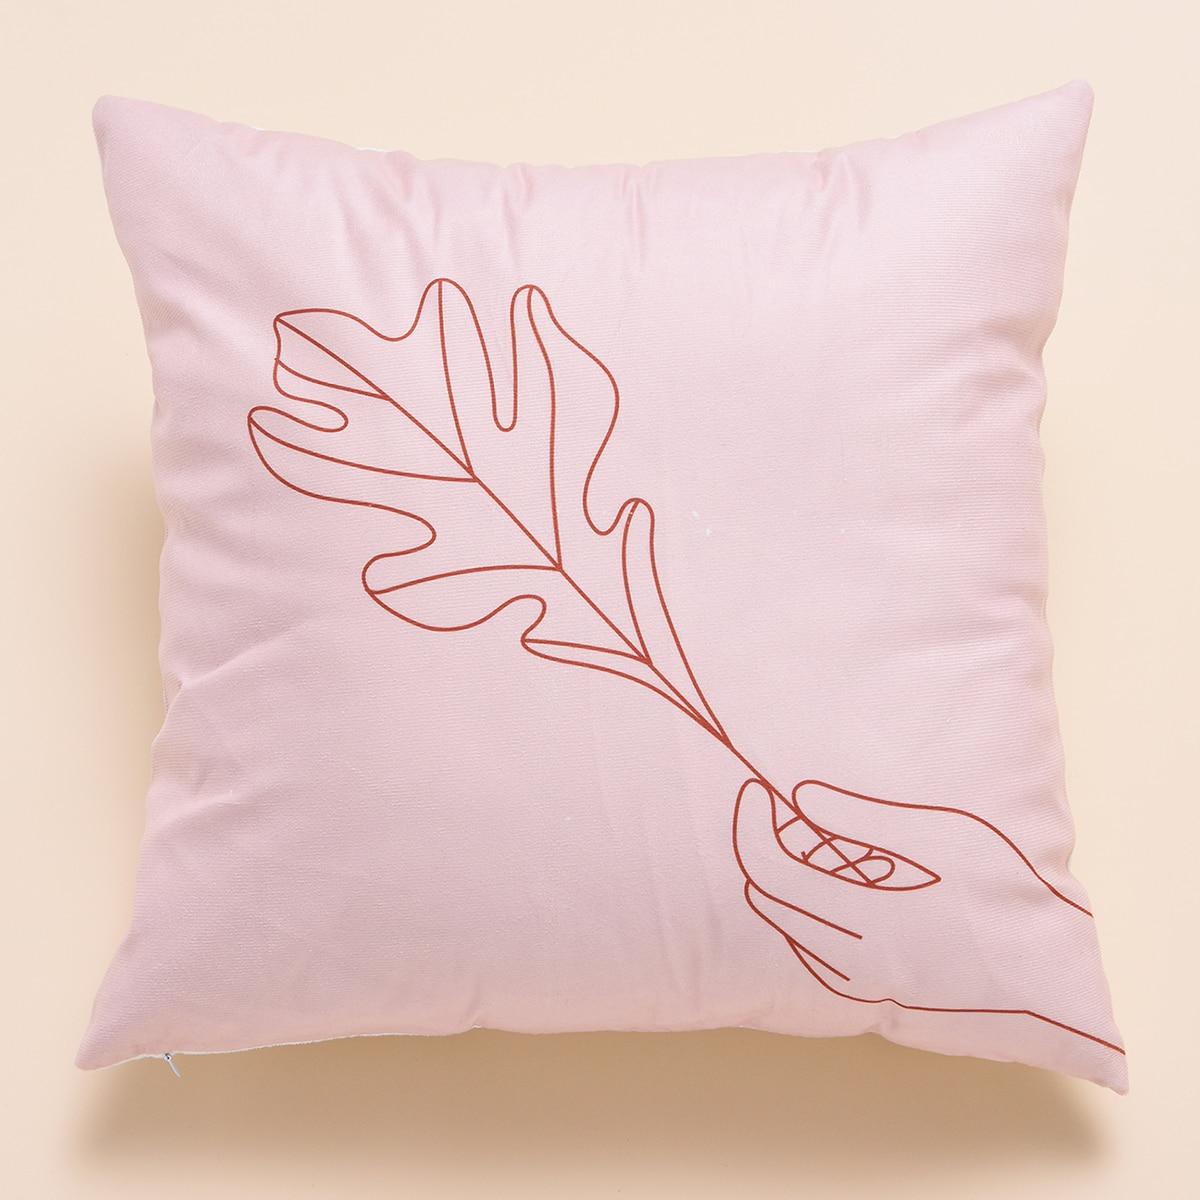 Чехол для подушки с принтом листьев без наполнителя